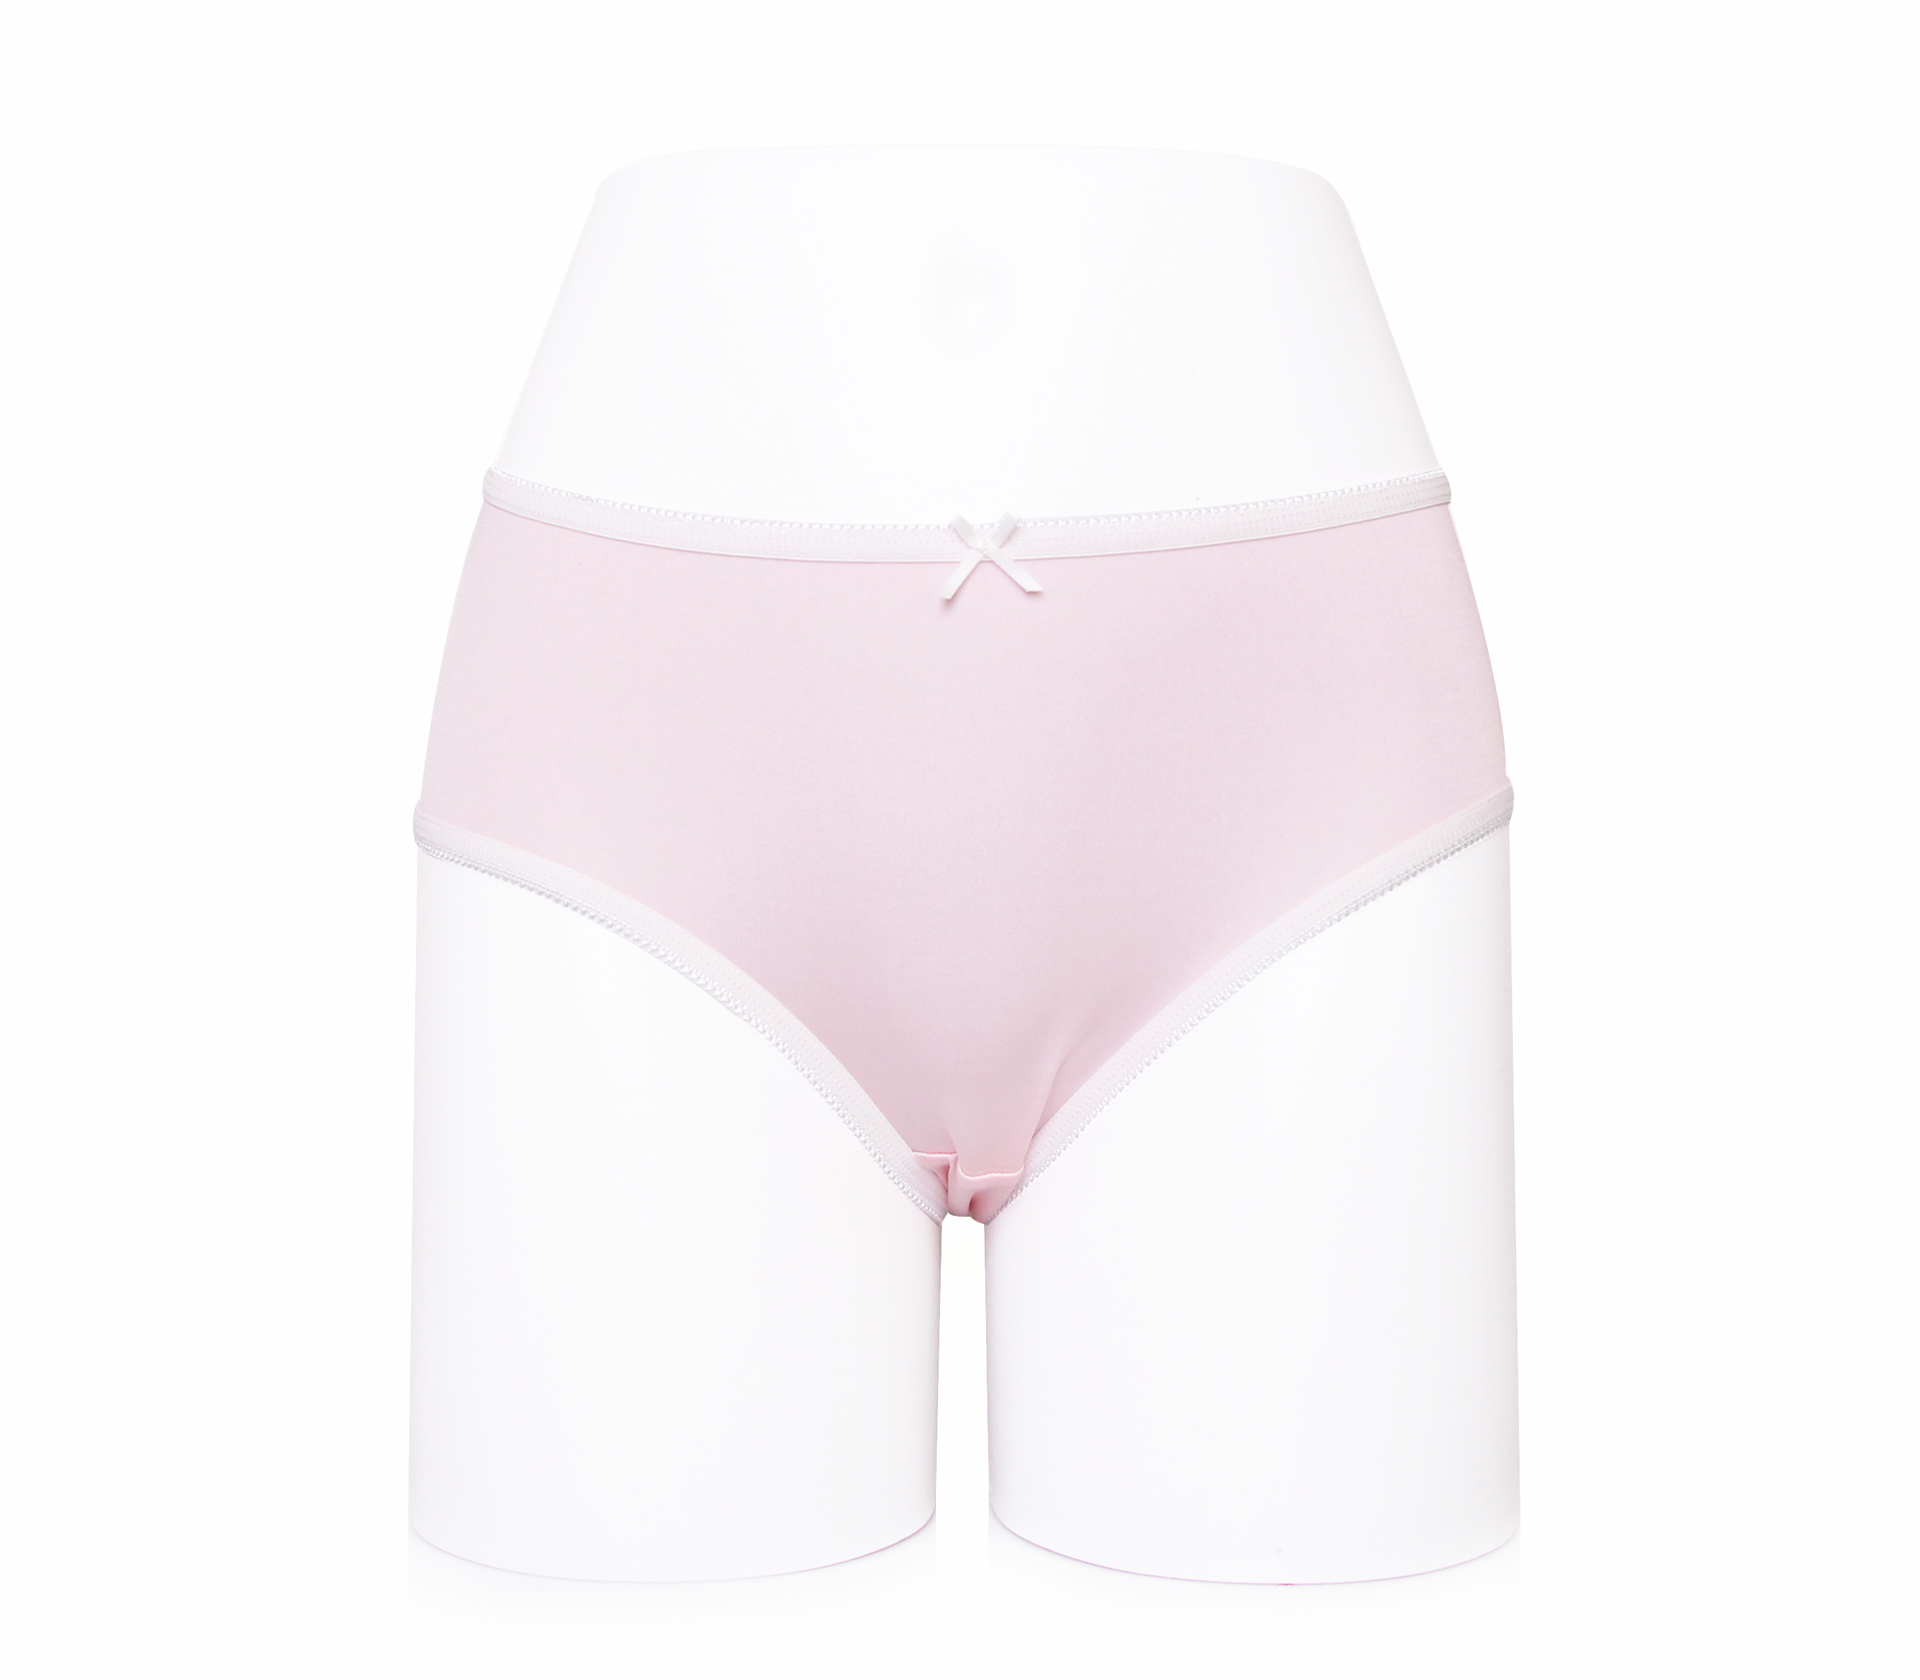 闕蘭絹繽紛質感30針100%蠶絲內褲-2218(粉)